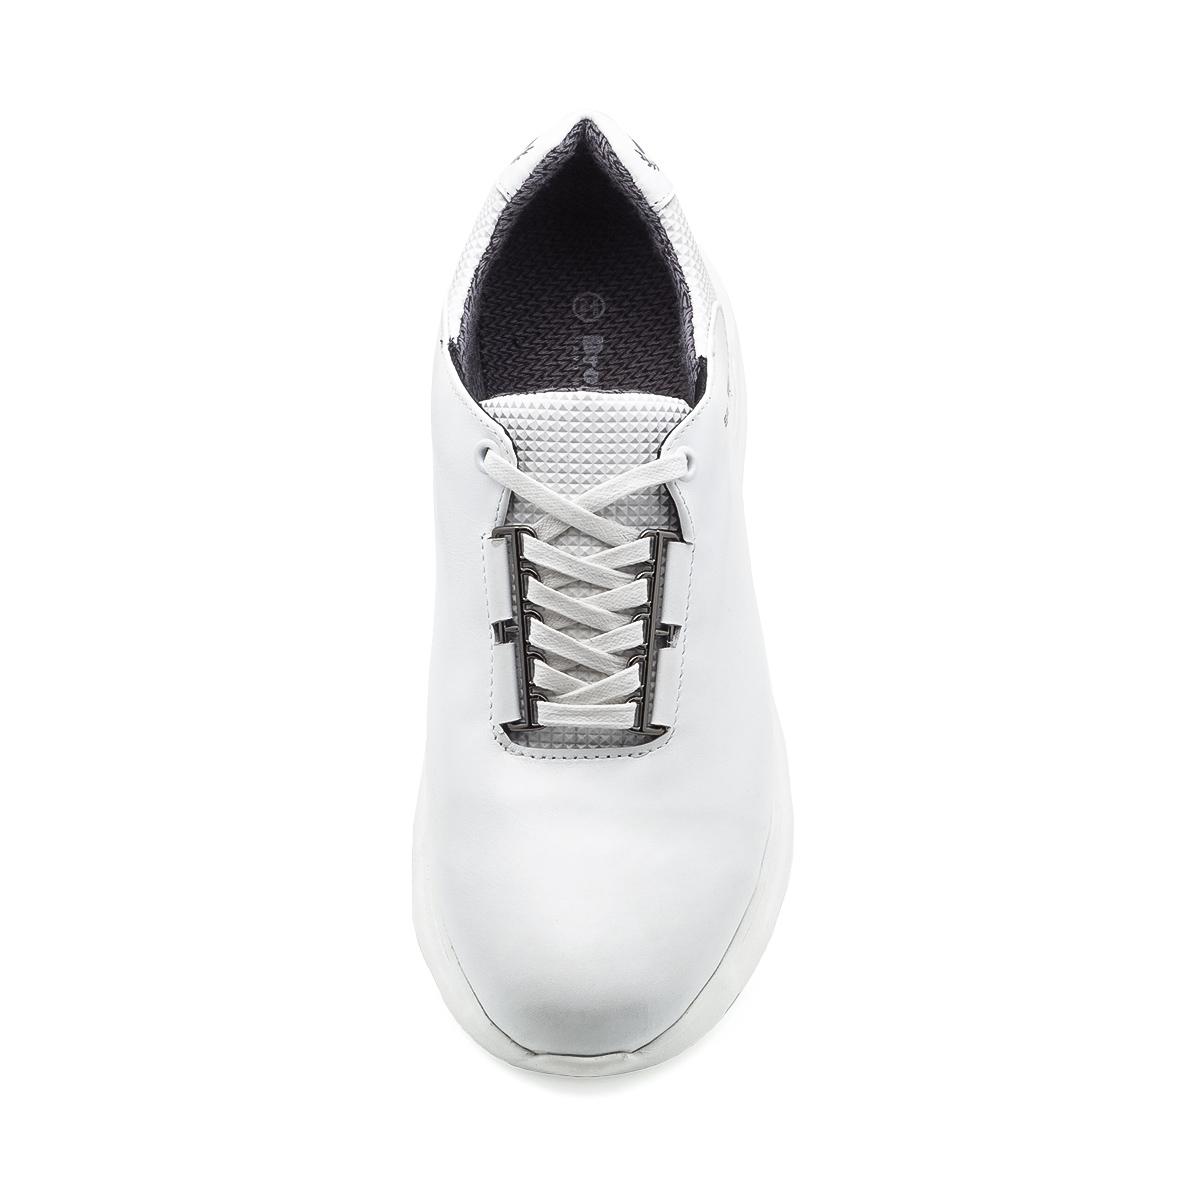 каталожное фото мужской обуви для  интернет-магазина LaModa